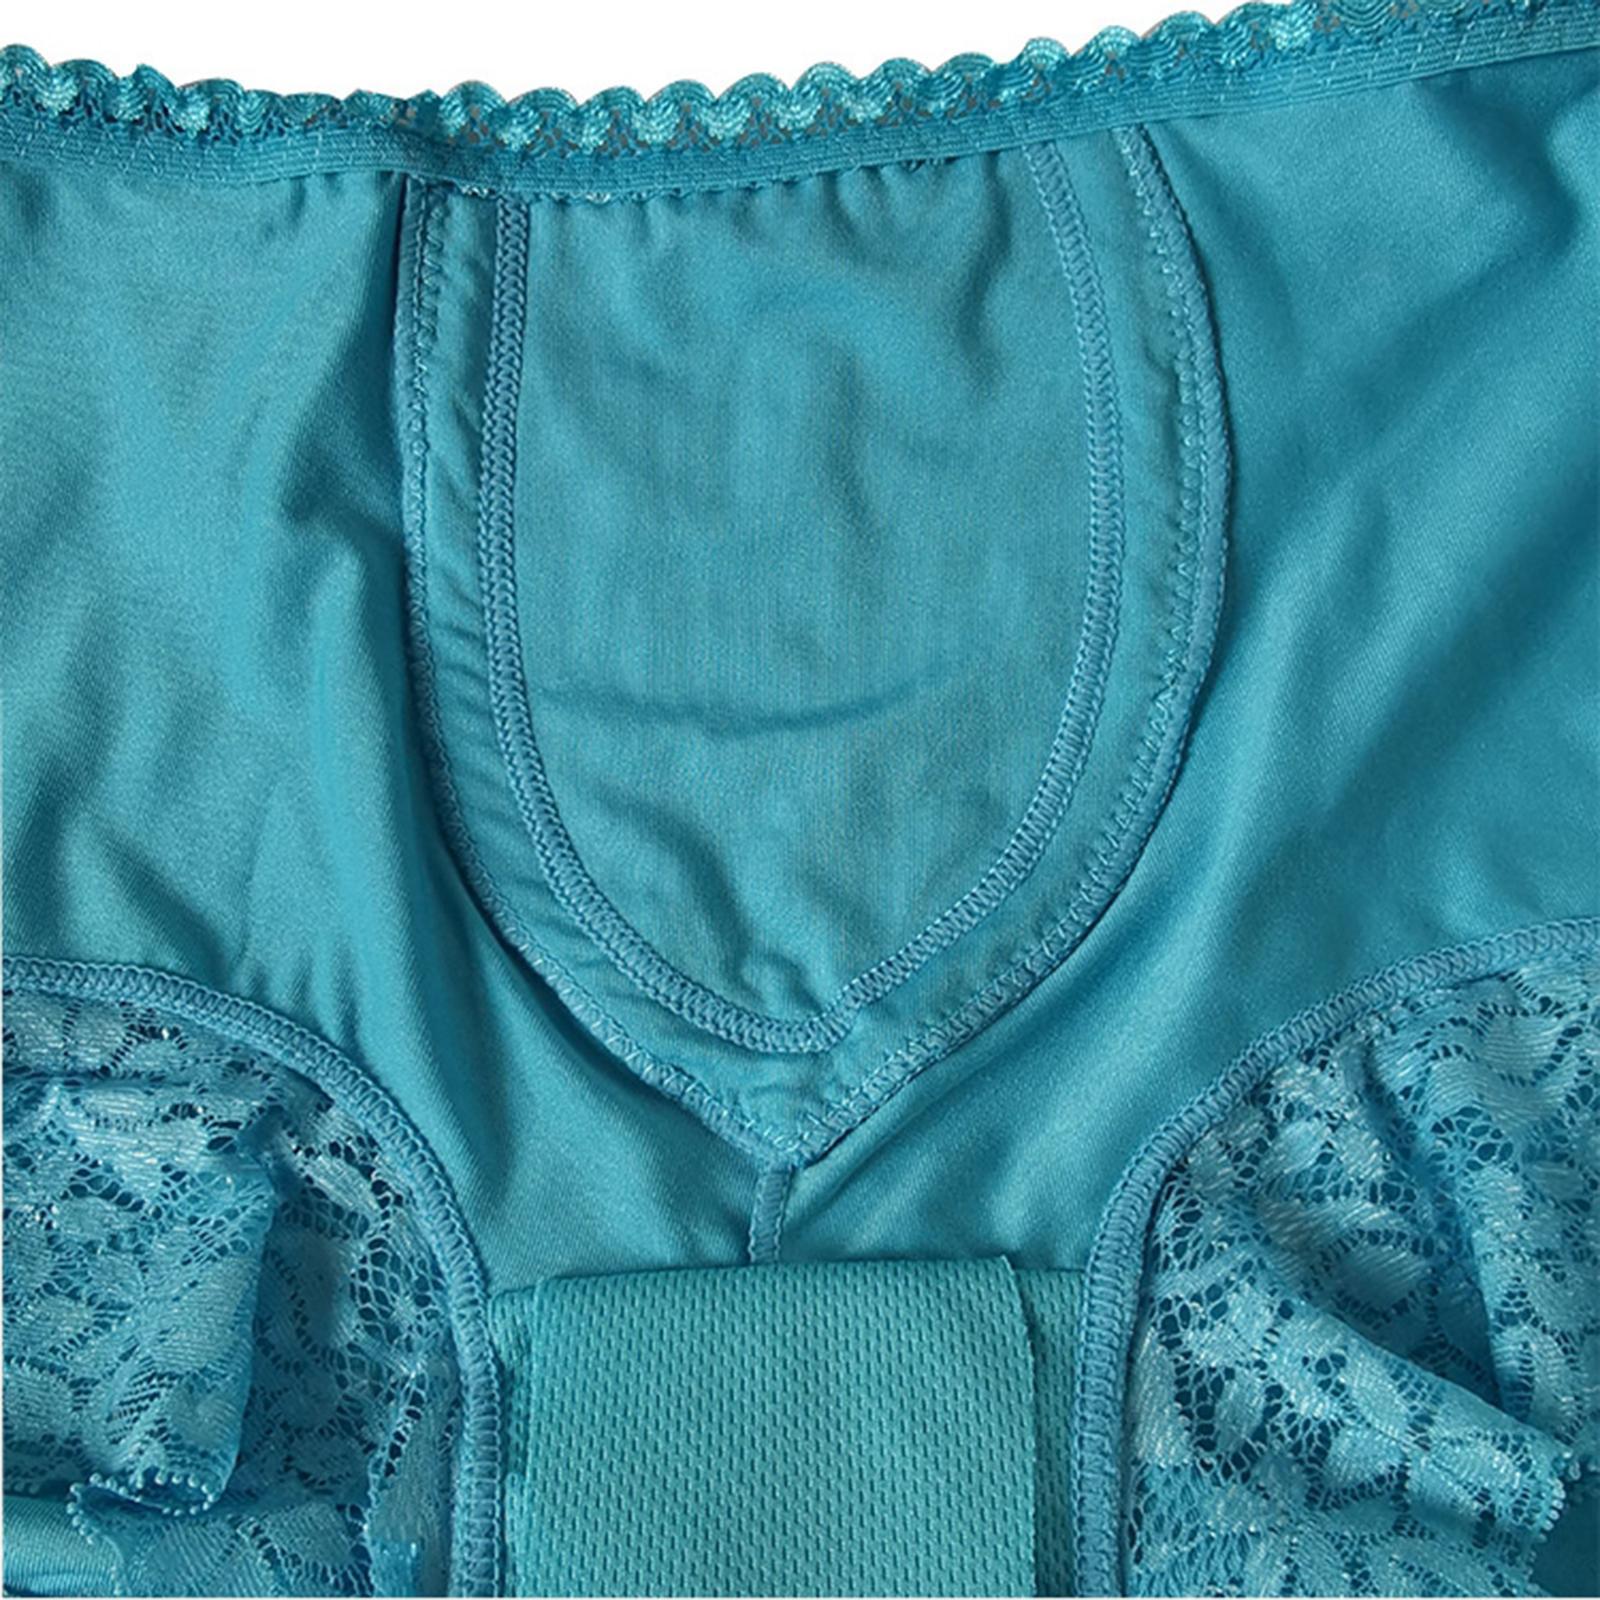 Indexbild 20 - Wiederverwendbare Inkontinenz Unterwäsche mit Pad für Frauen Menstruations